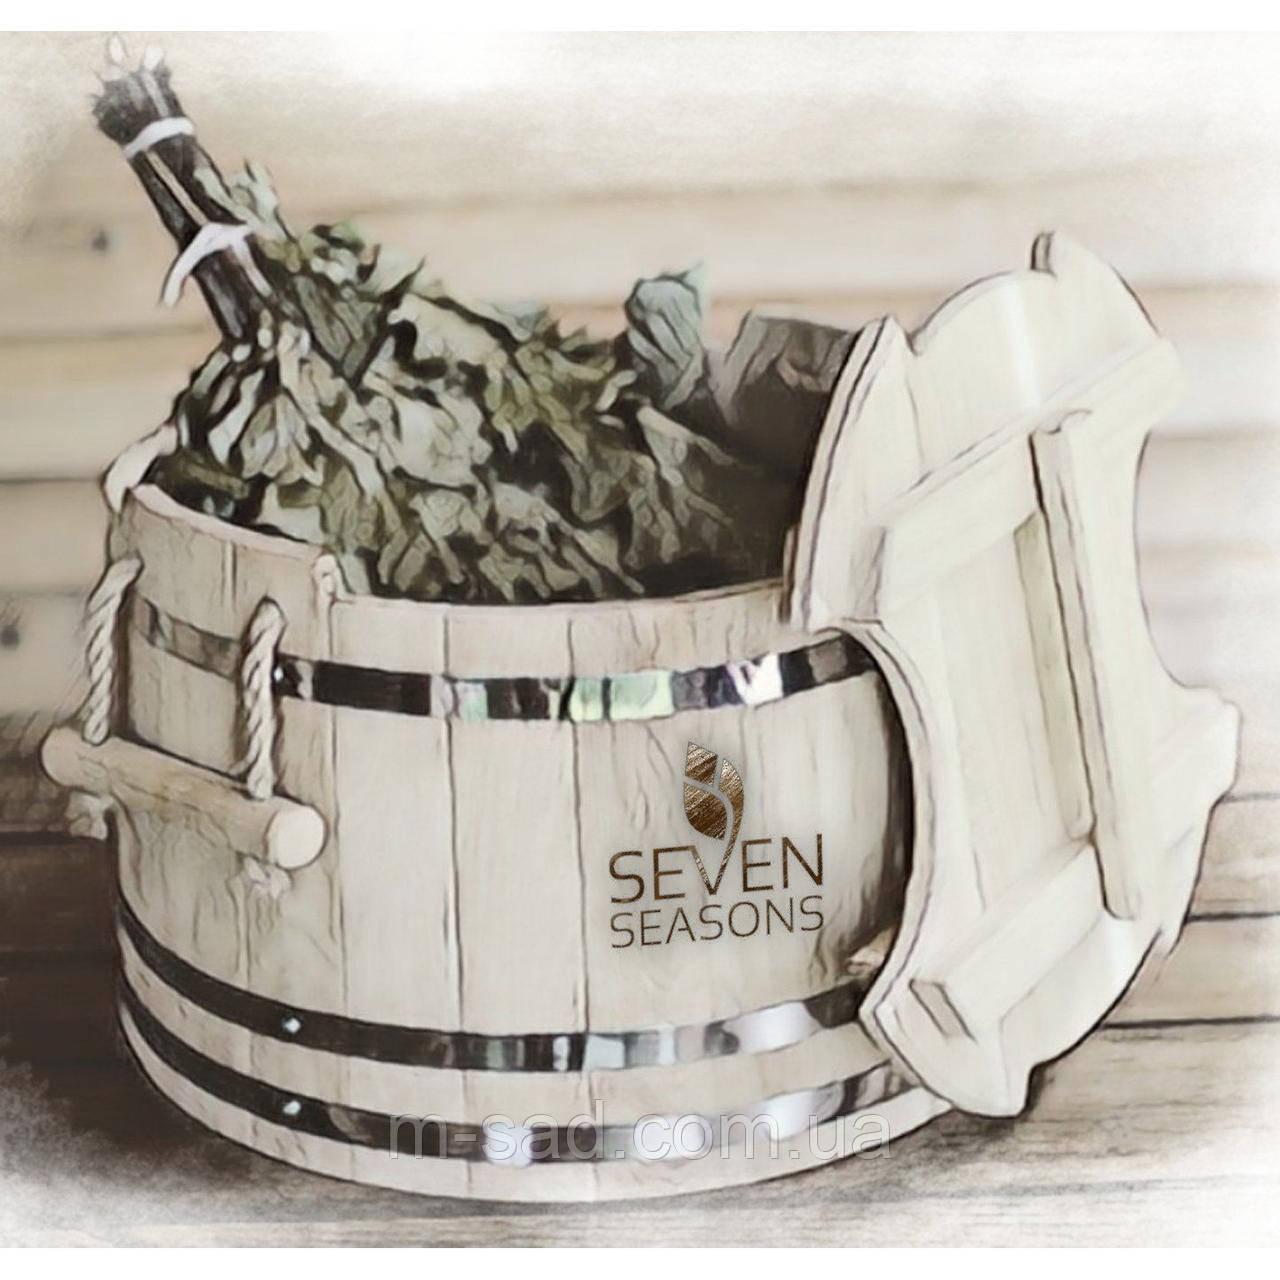 Запарник для веников Seven Seasons™ Expert, 30 литров